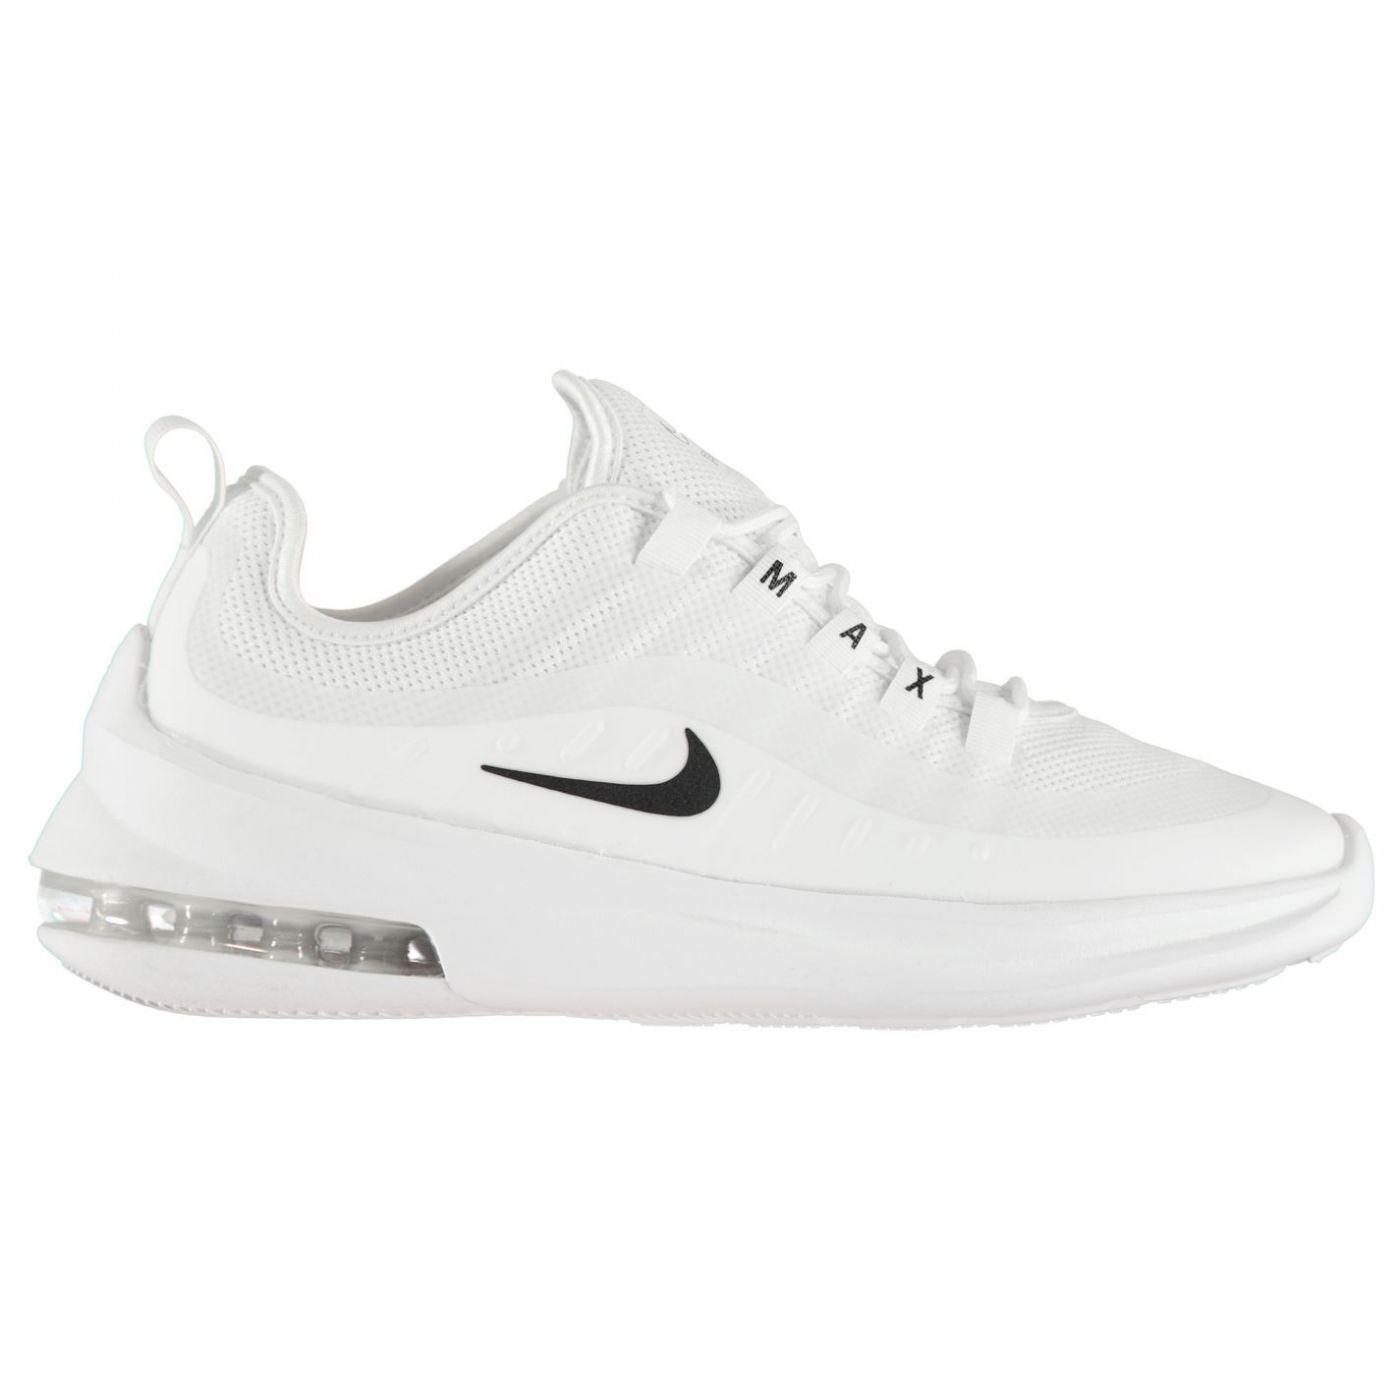 eaf0c2c58e37c Nike Air Max Axis Trainers Mens - FACTCOOL